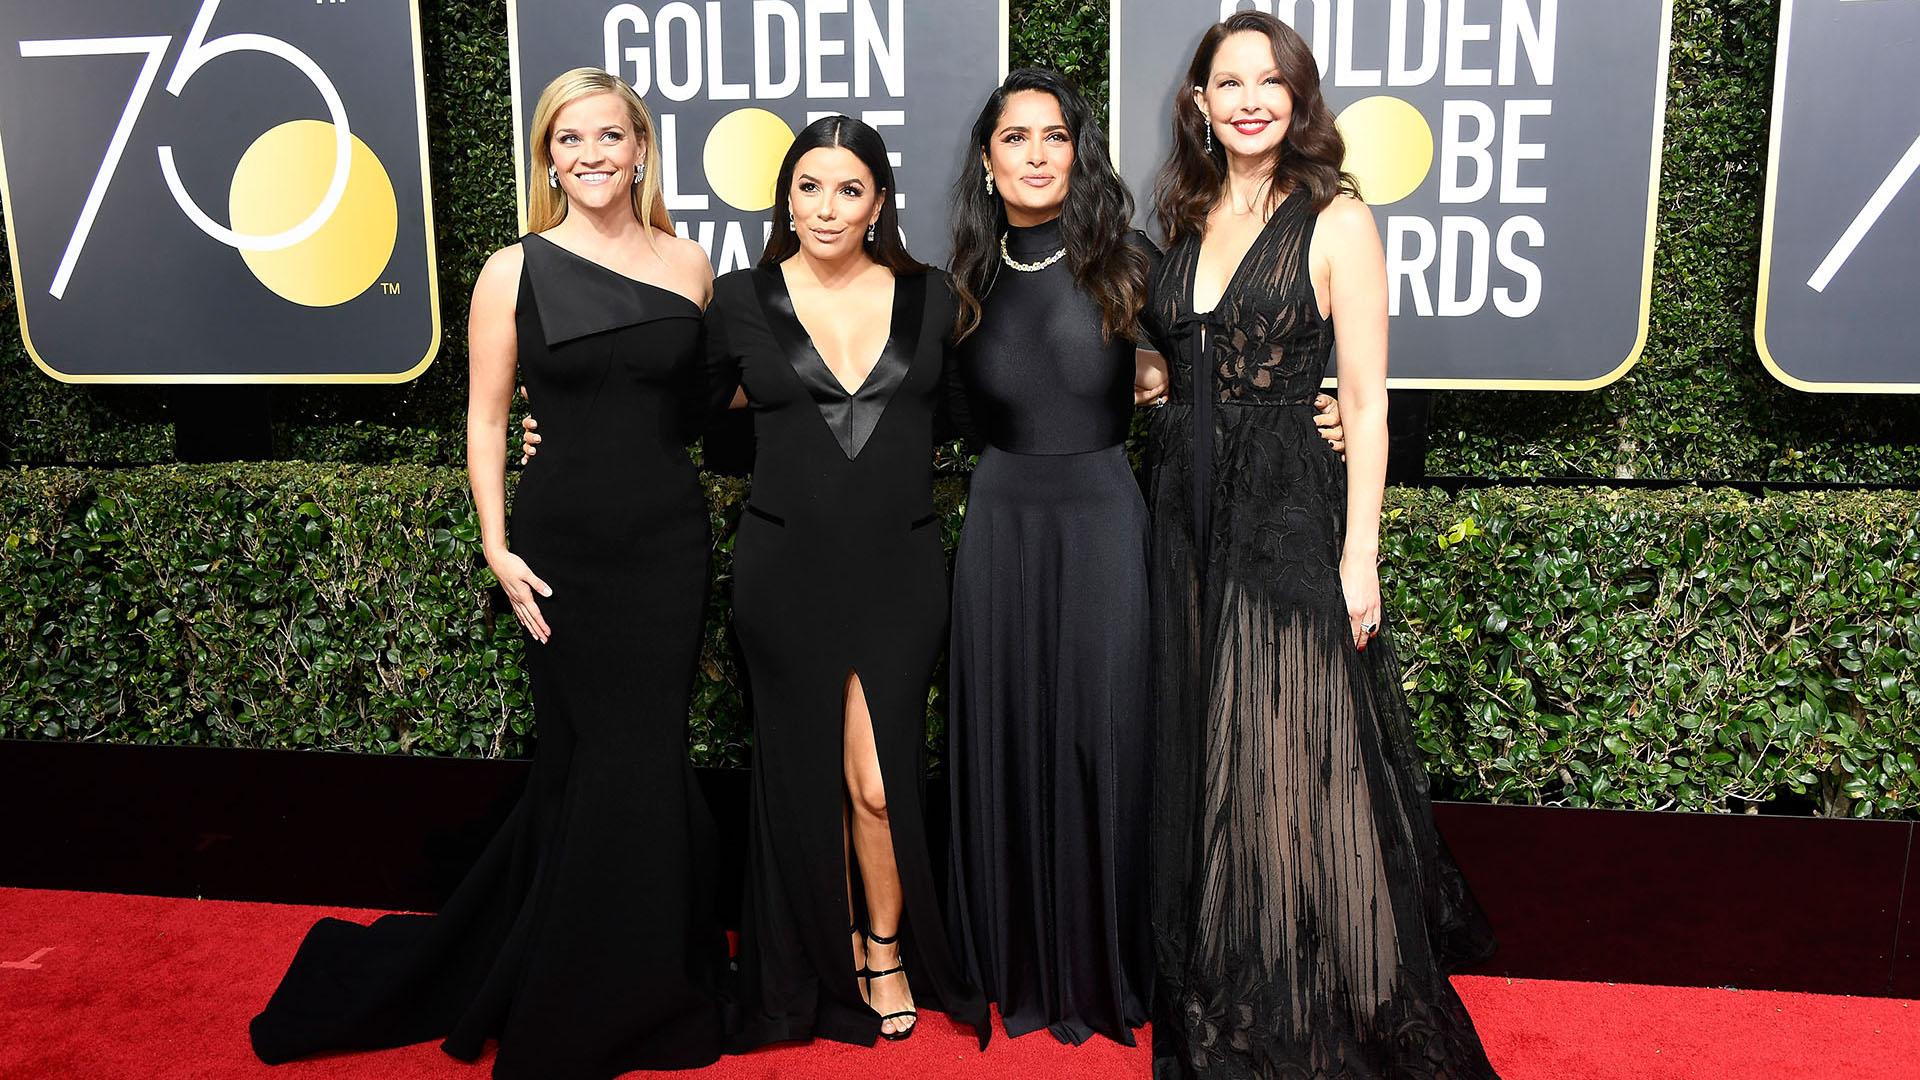 Reese Witherspoon, Eva Longoria, Salma Hayek, y Ashley Judd adoptaron el negro en los Golden Globes, impulsando el movimiento Time's Up en laalfombra roja